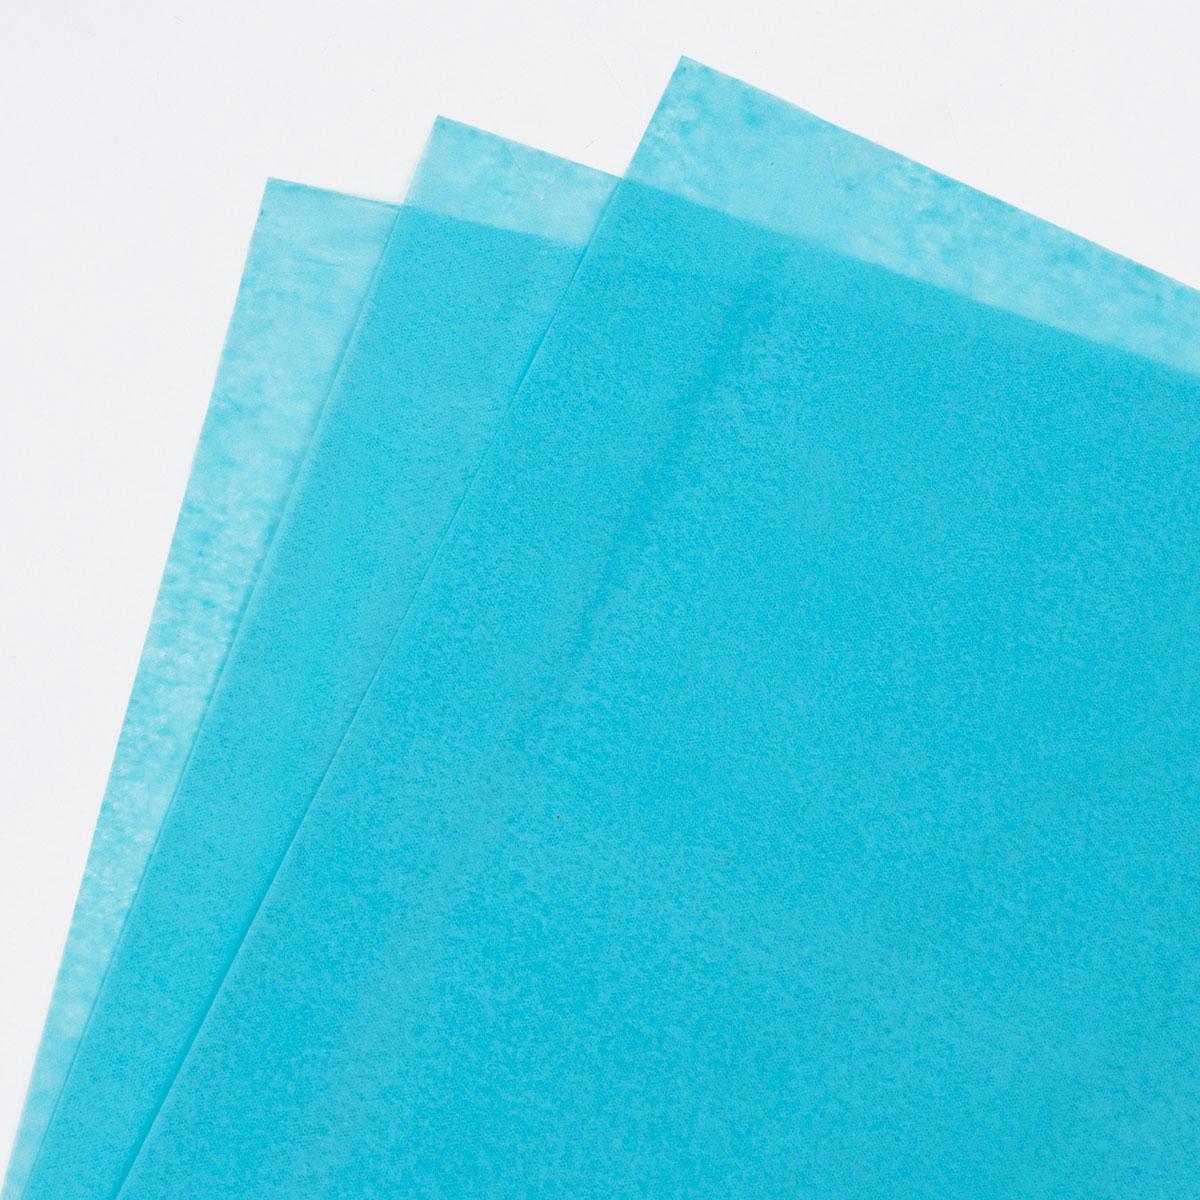 buy light blue tissue paper  10 sheets for gbp 099